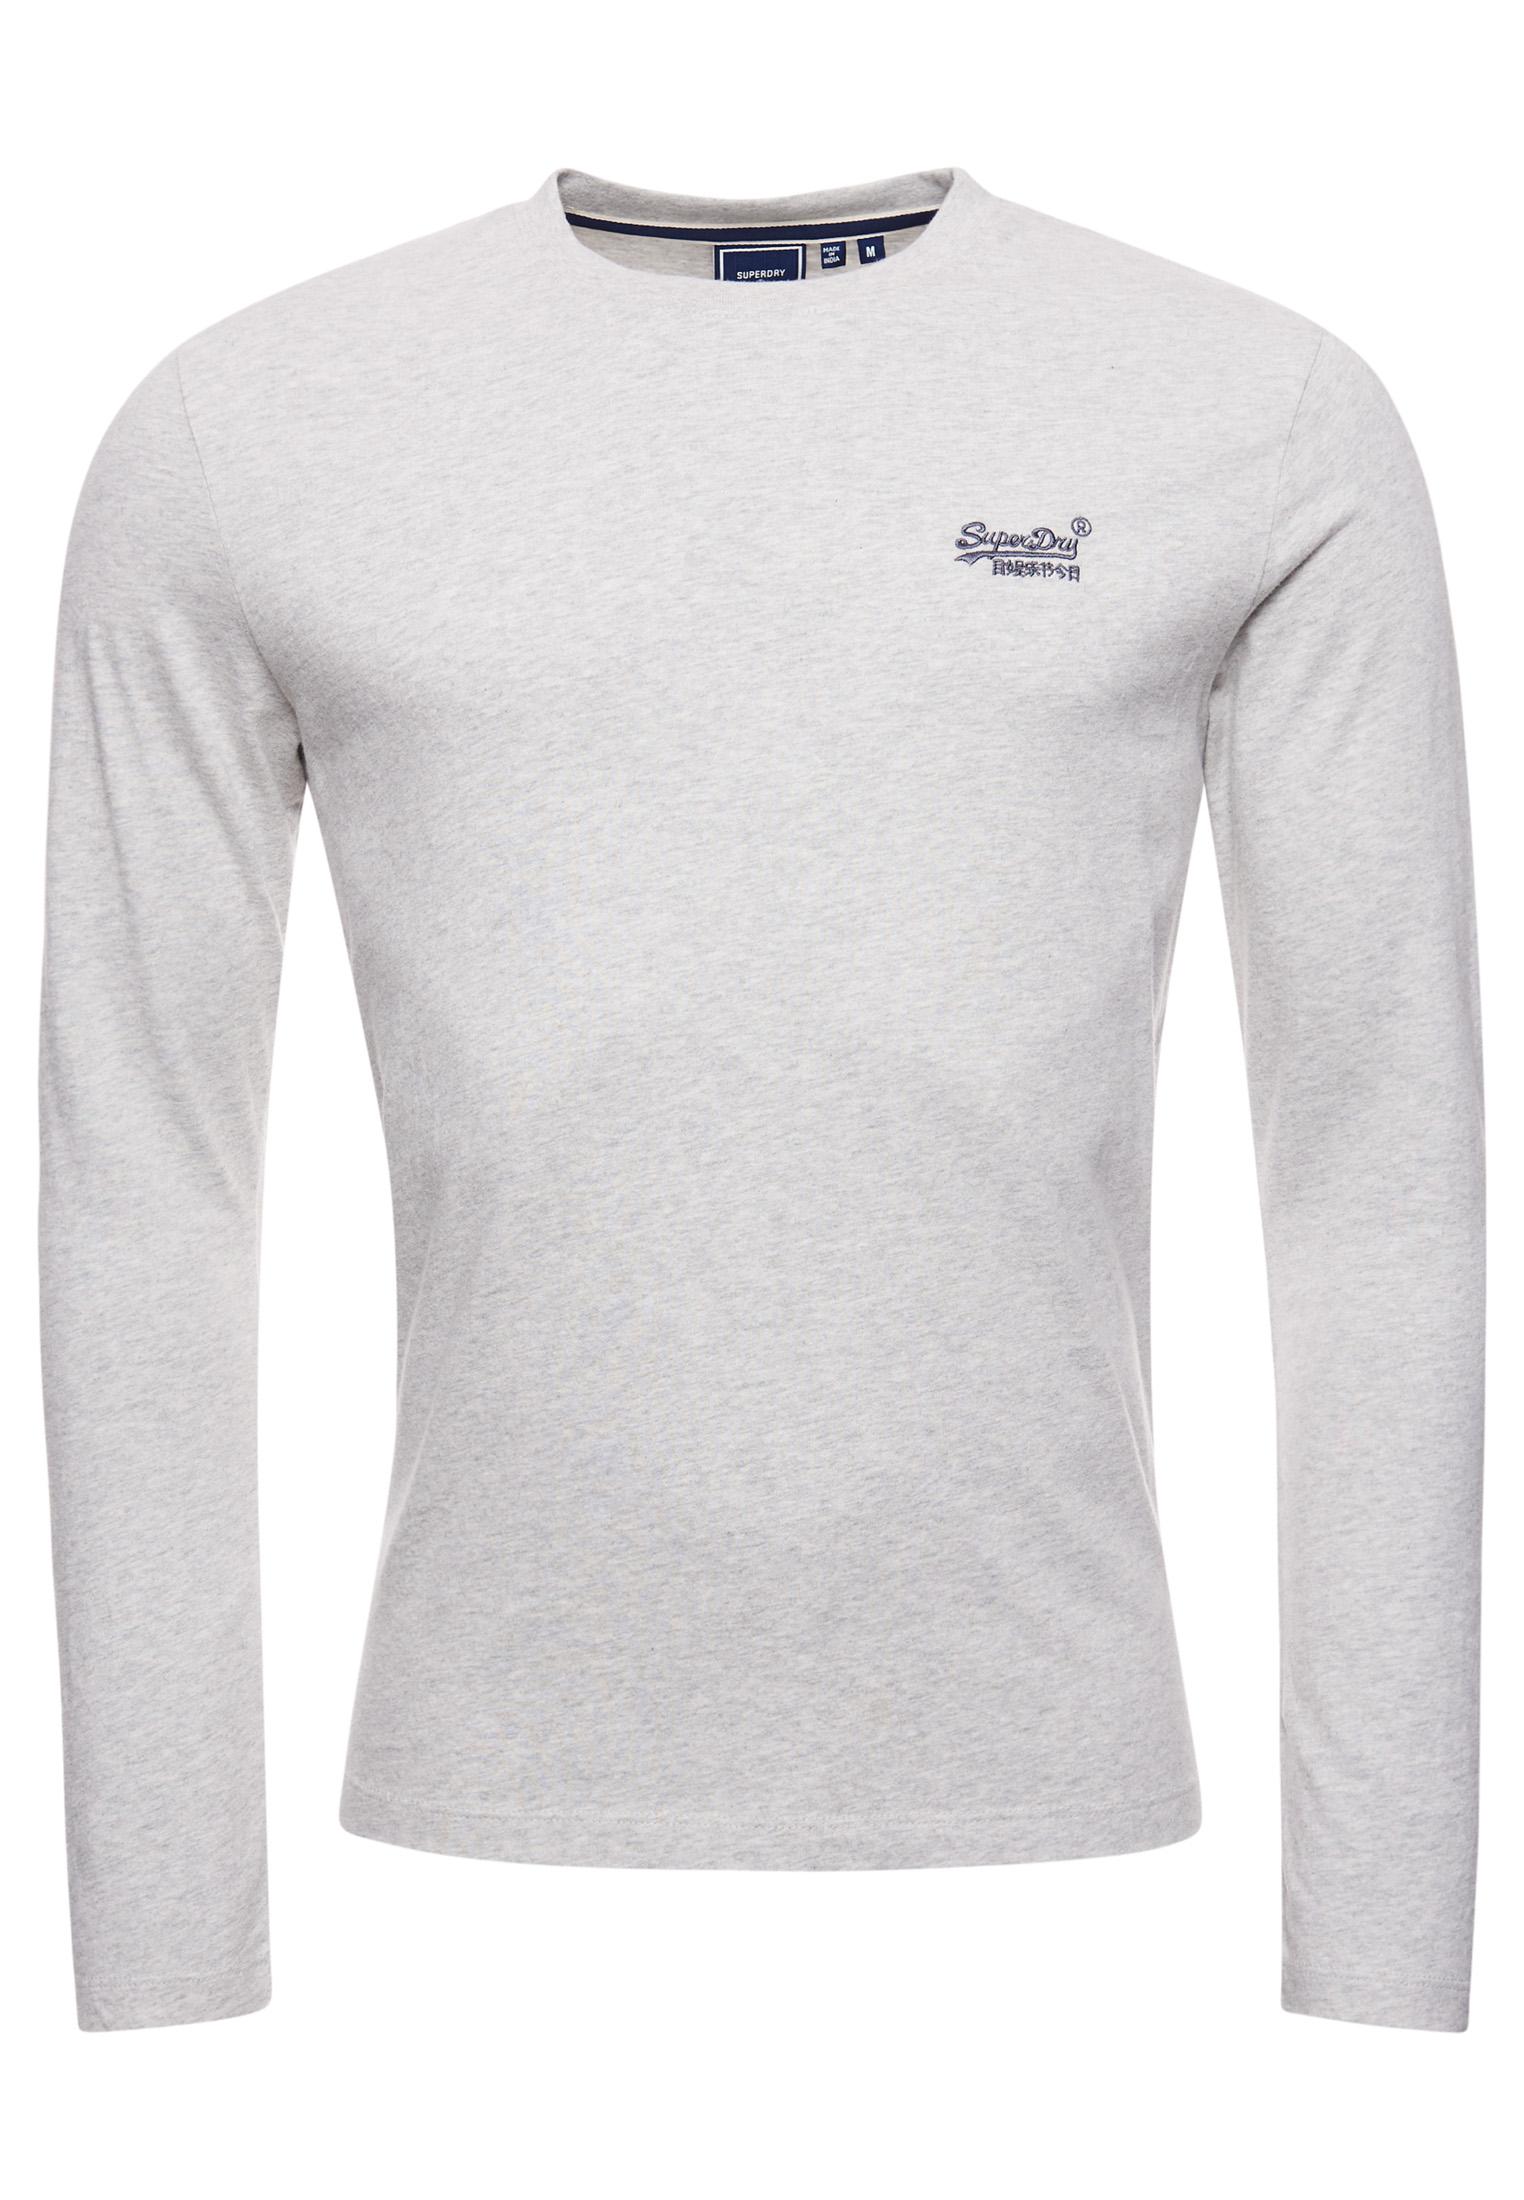 Superdry Original & Vintage T-shirt